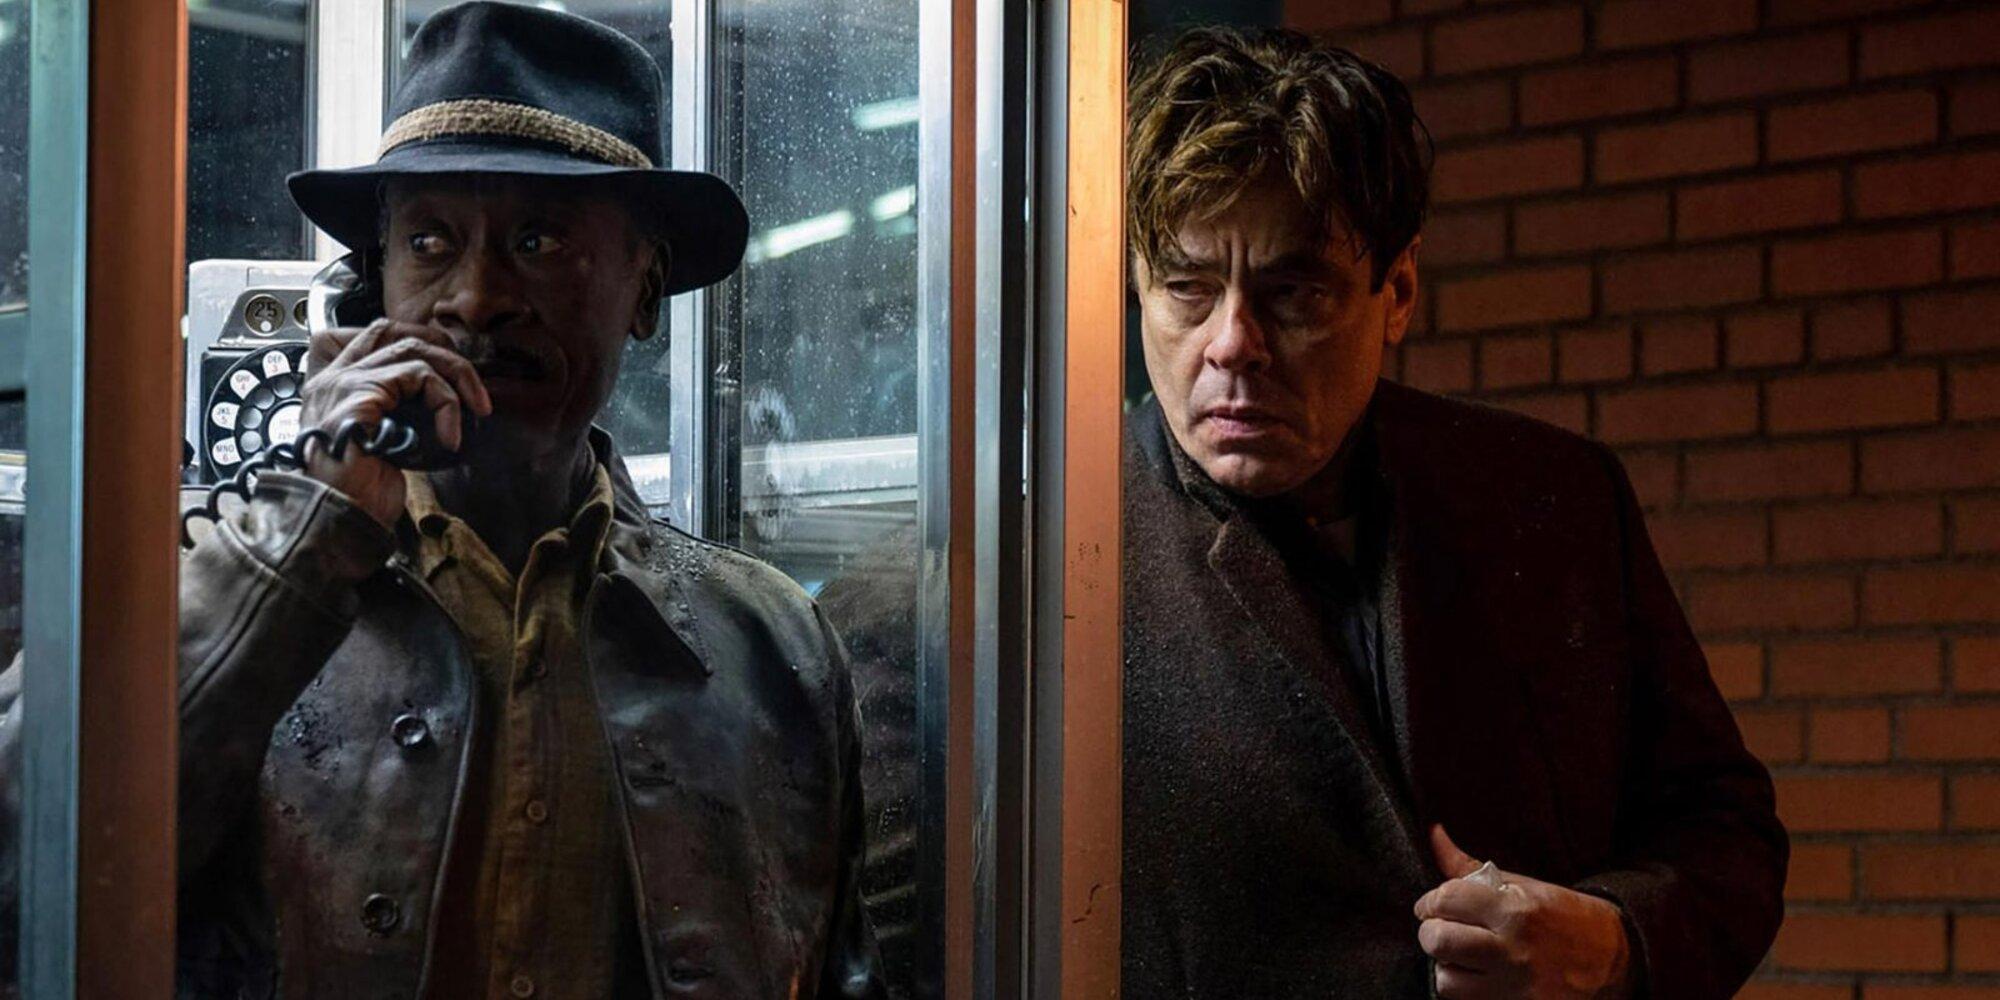 'No Sudden Move' stars Don Cheadle, Benicio Del Toro, and more pick their favorite crime movies